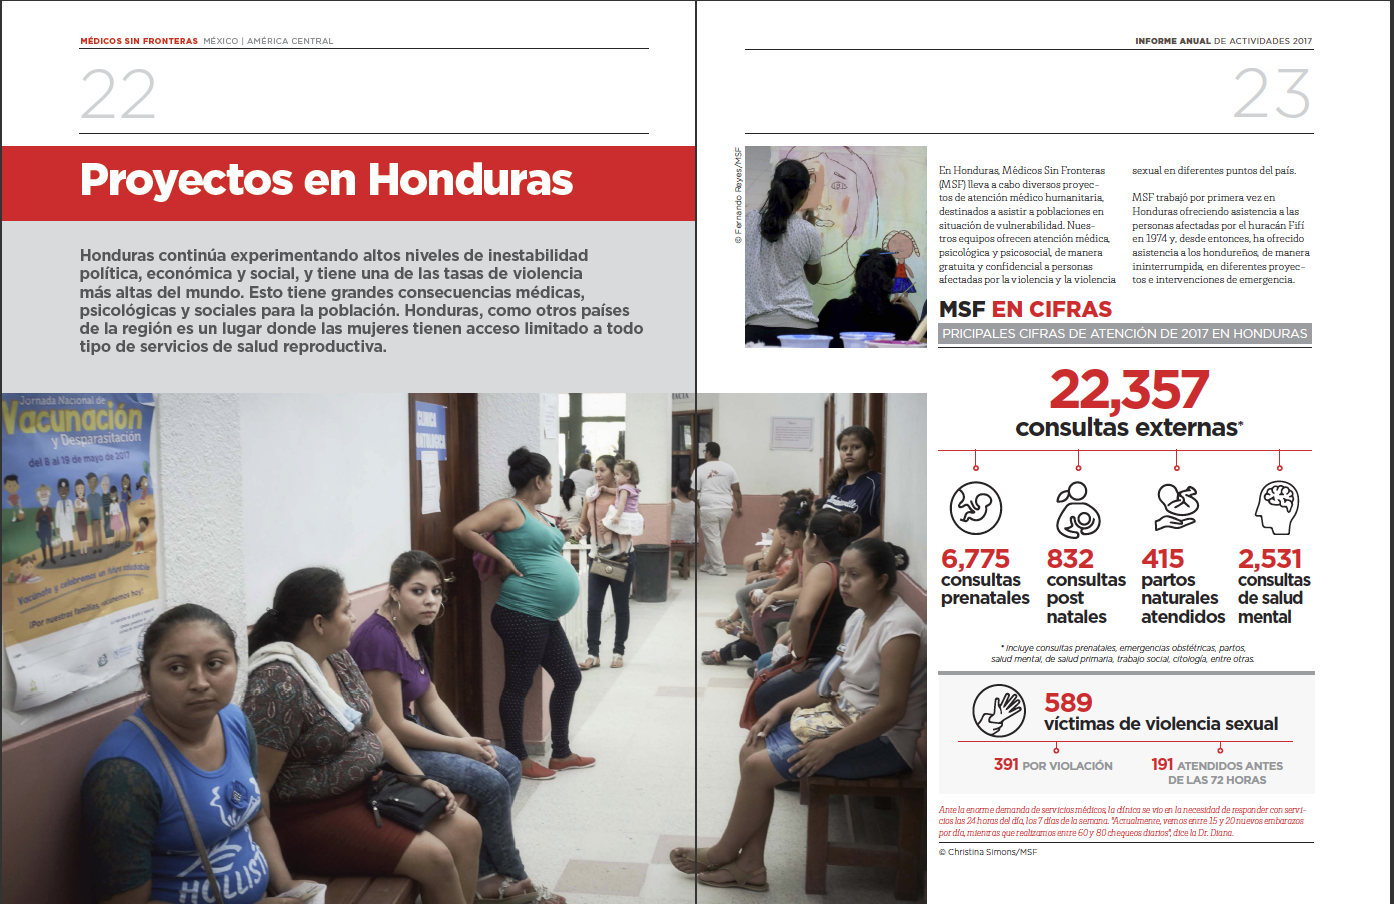 MSF (Medicos Sin Fronteras) 2017 Annual Report of Activities - P2